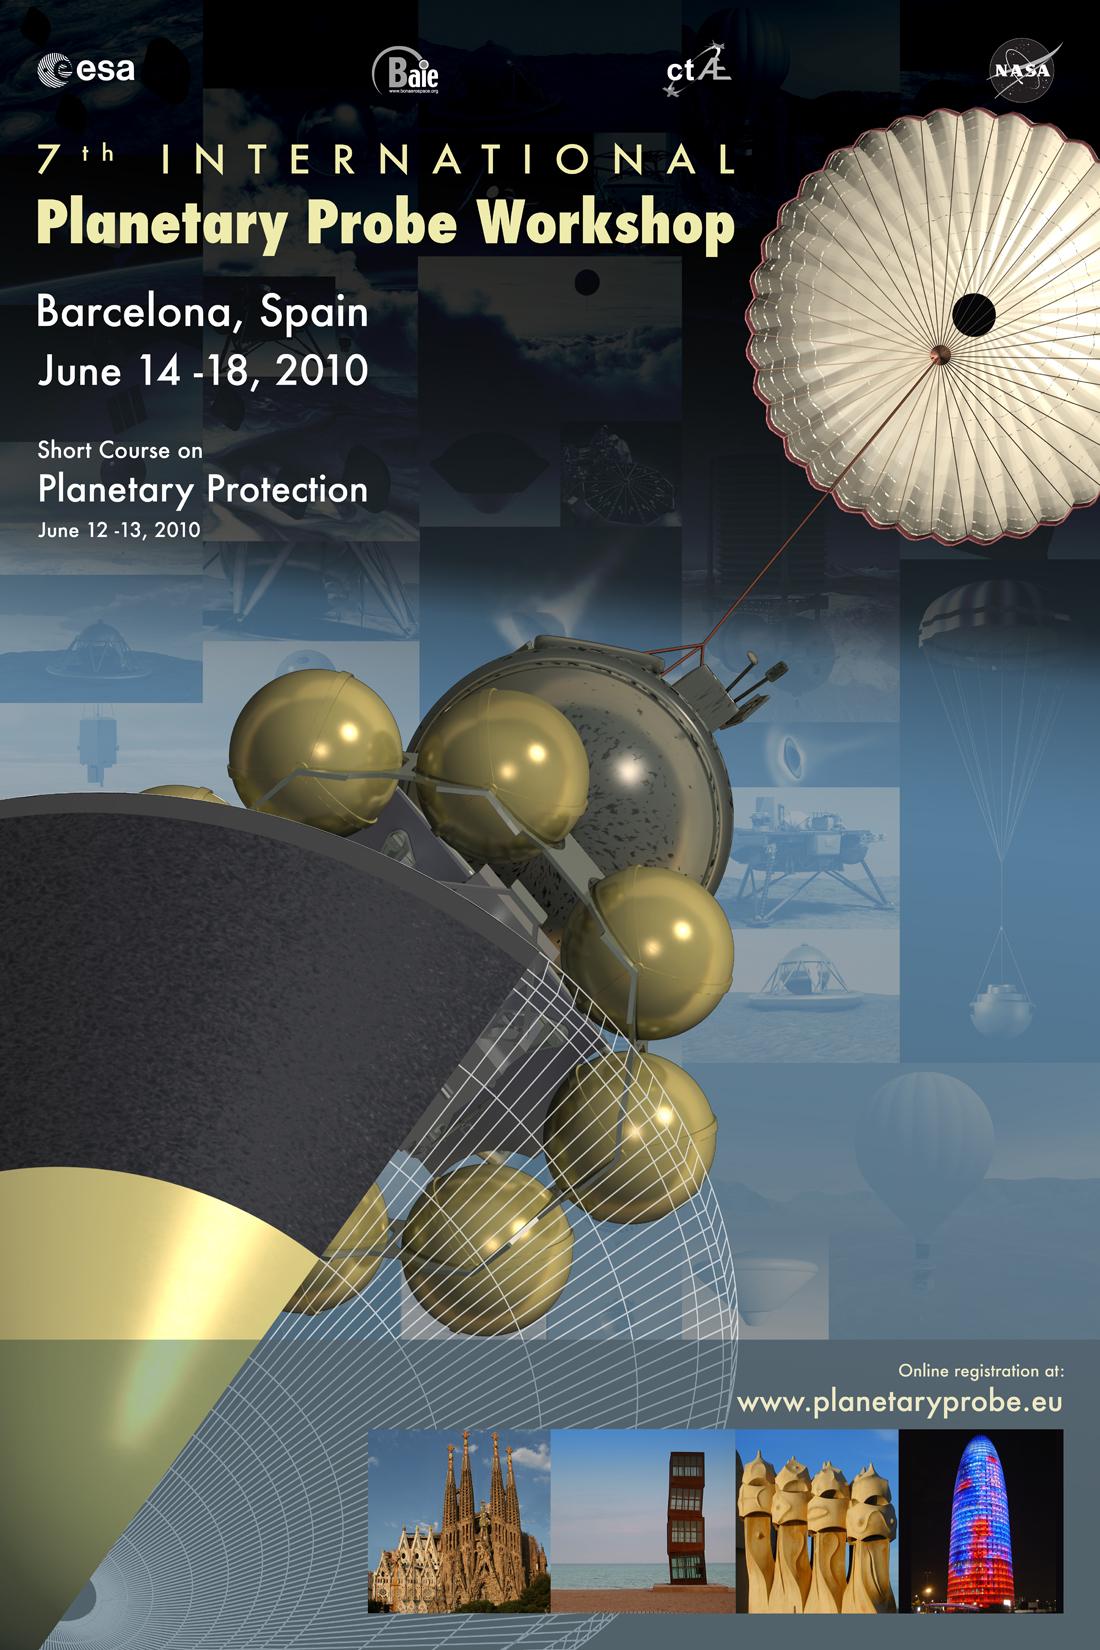 IPPW7-Poster-Official.jpg